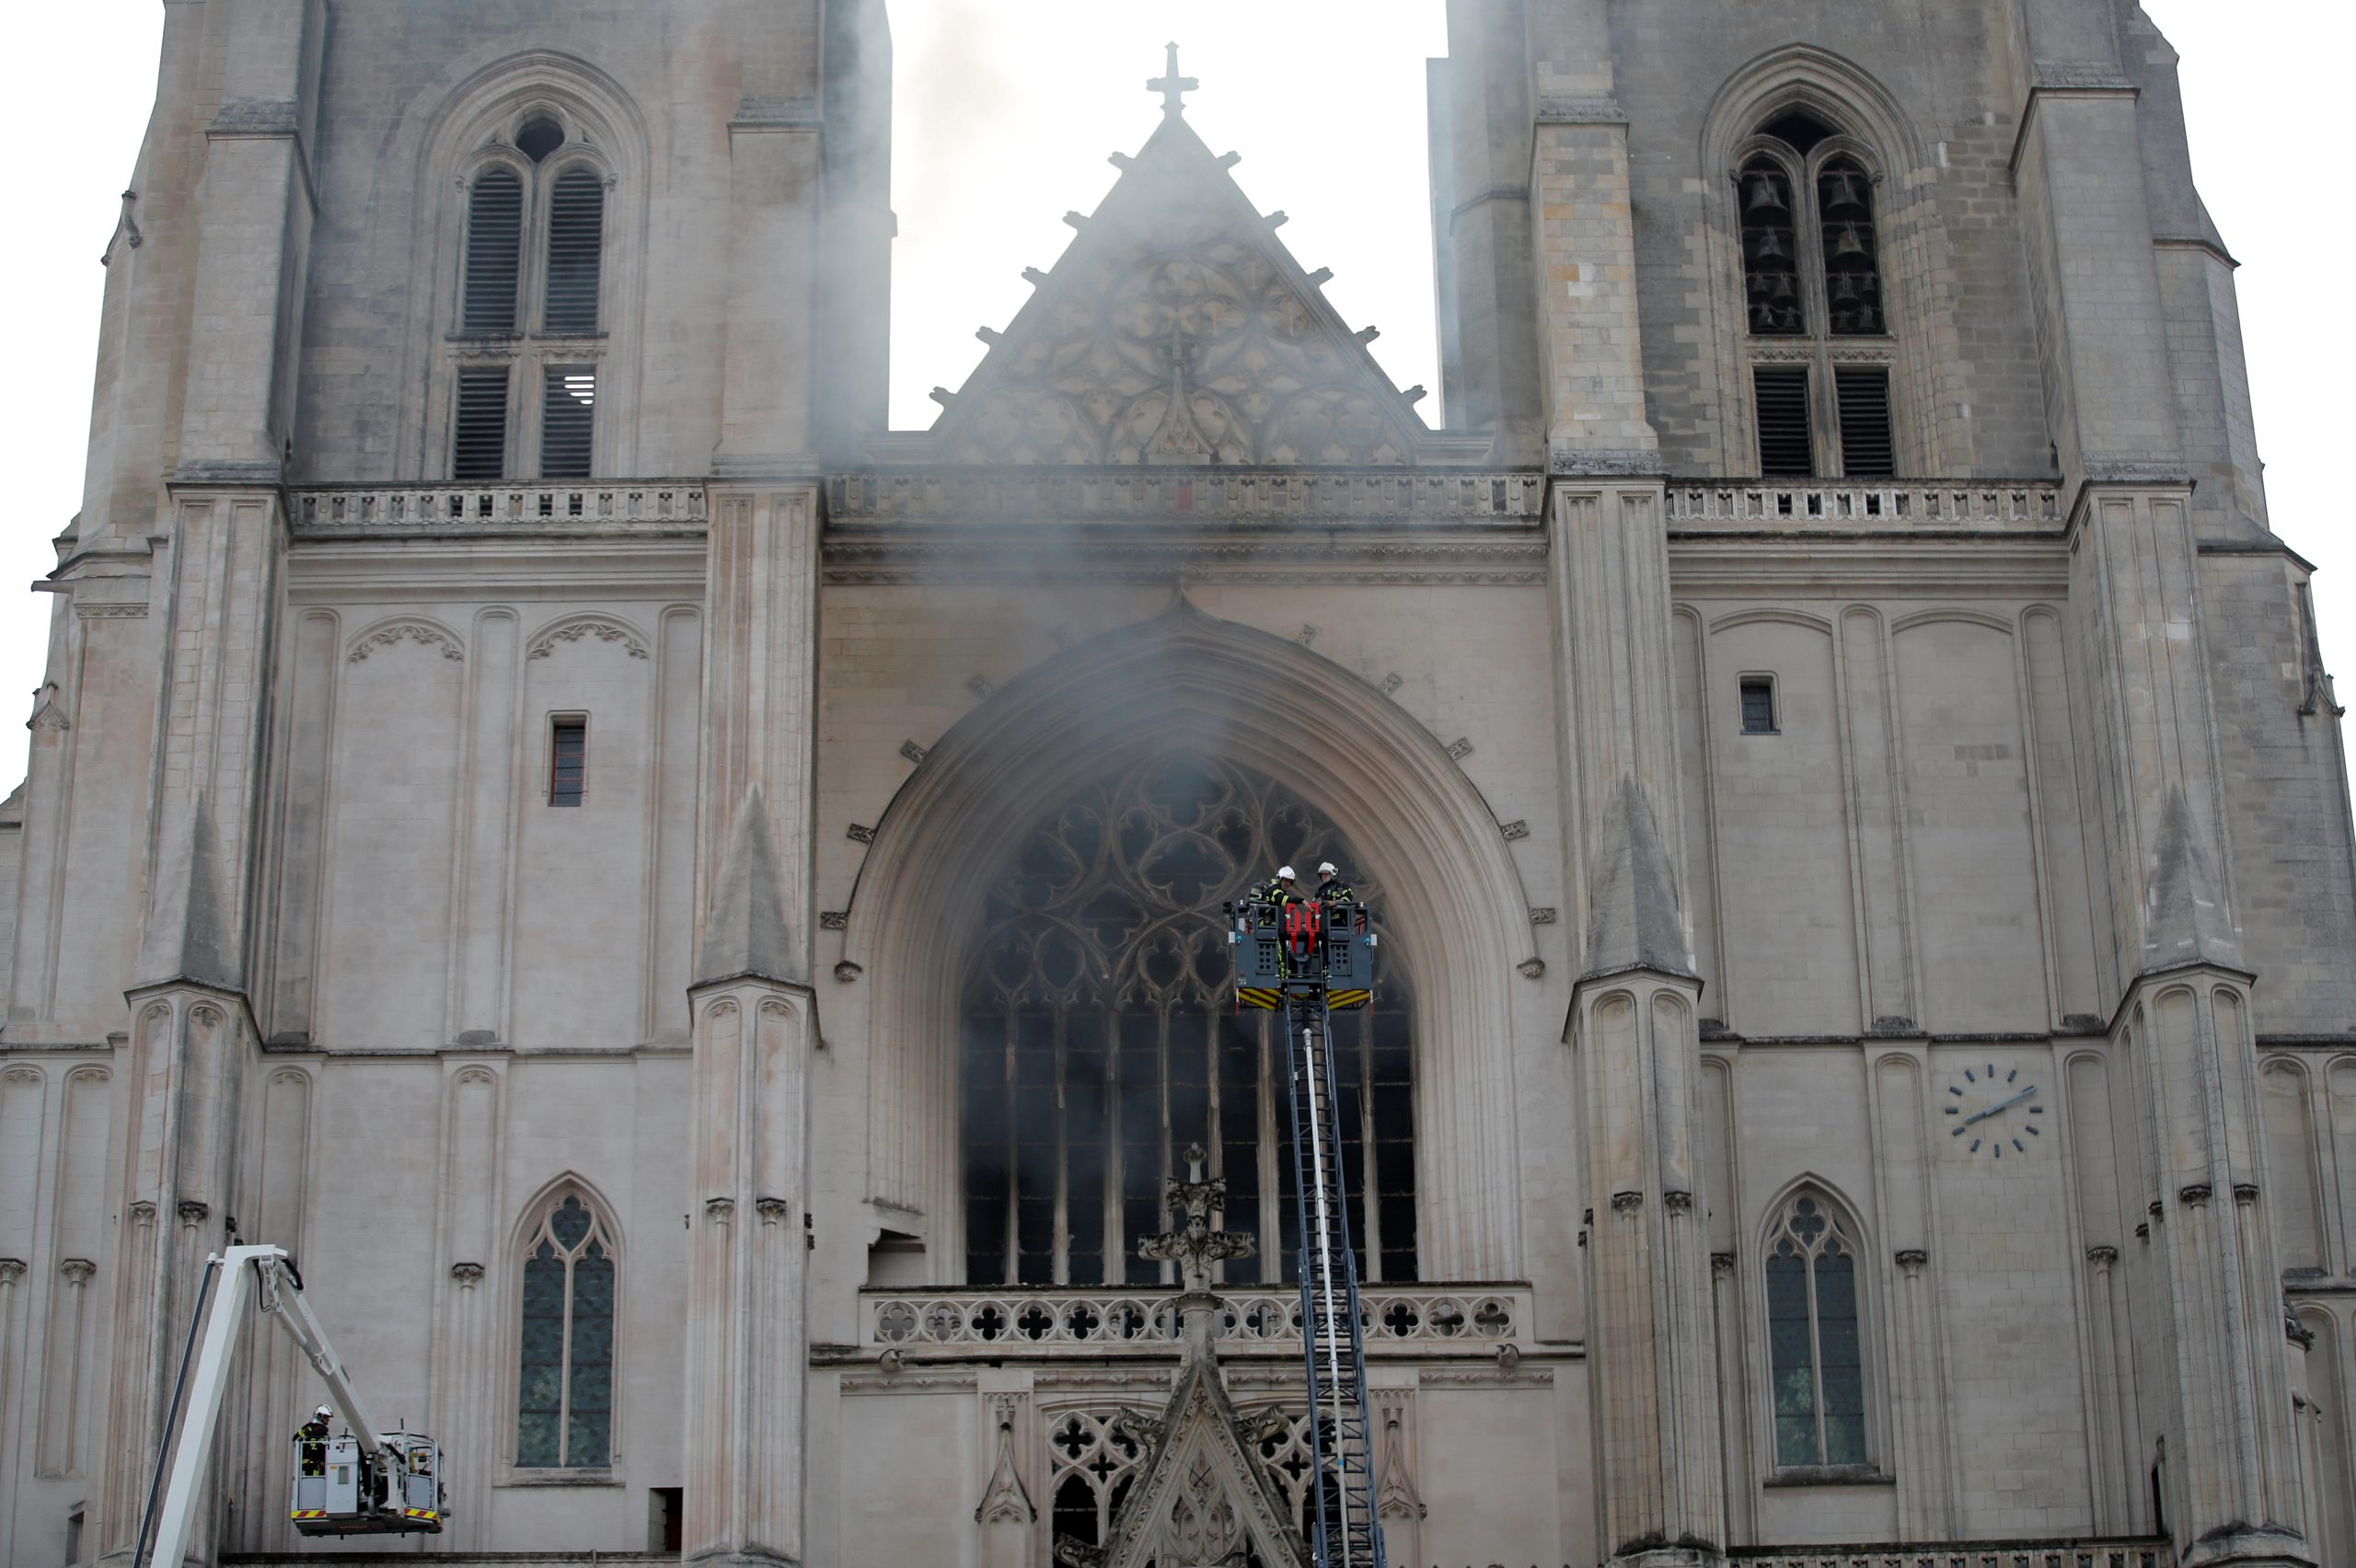 incendio en la Catedral de Nantes